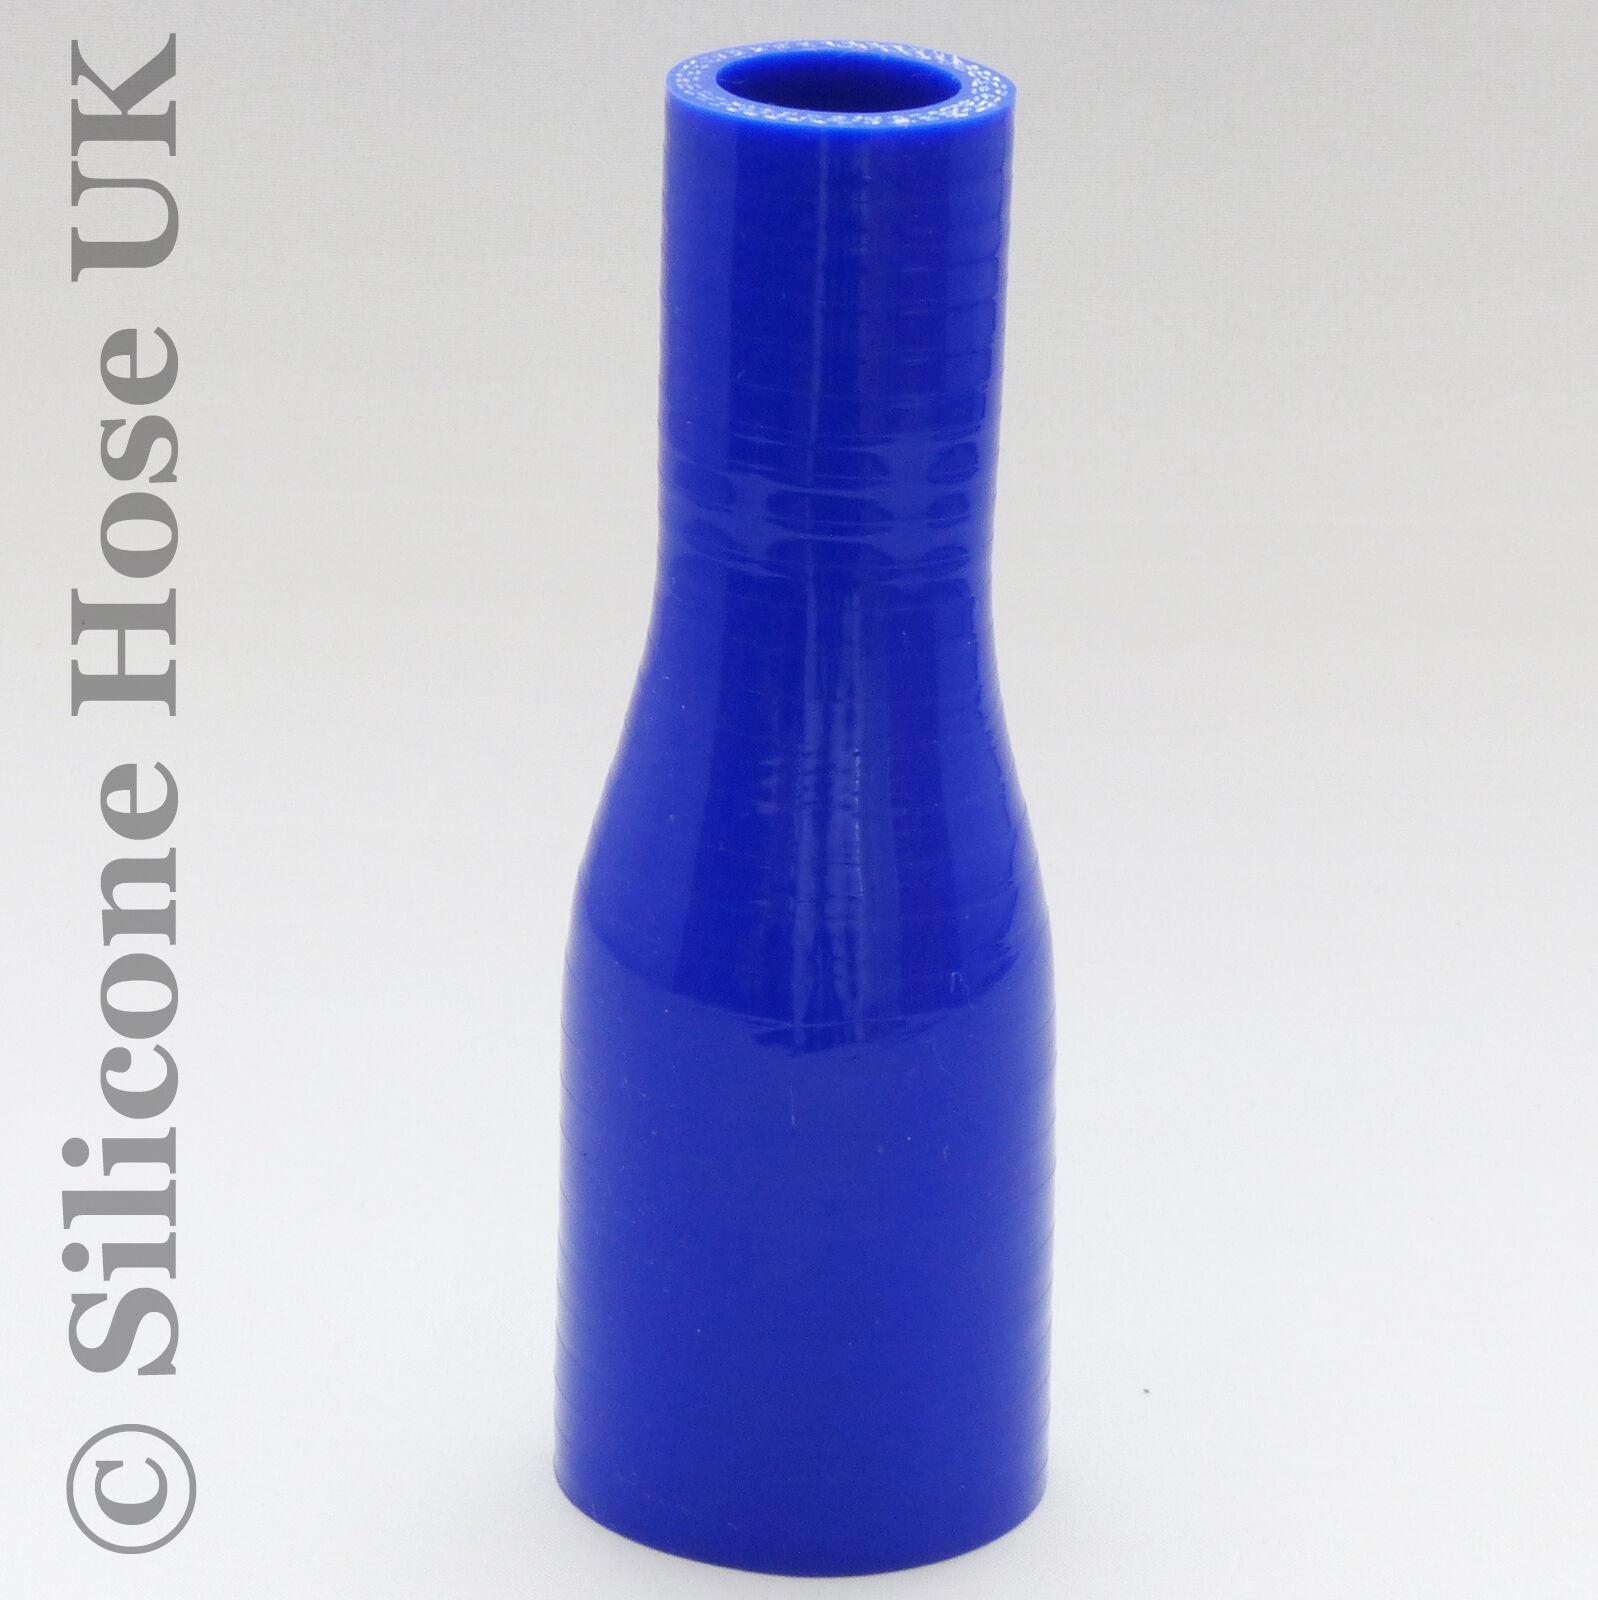 TUBO in Silicone Dritto Dritto Dritto RIDUTTORI Accoppiatore 38mm   32 mm Blu-RISCALDATORE ACQUA REFRIGERANTE | Nuovo Arrivo  | Terrific Value  | tender  462767